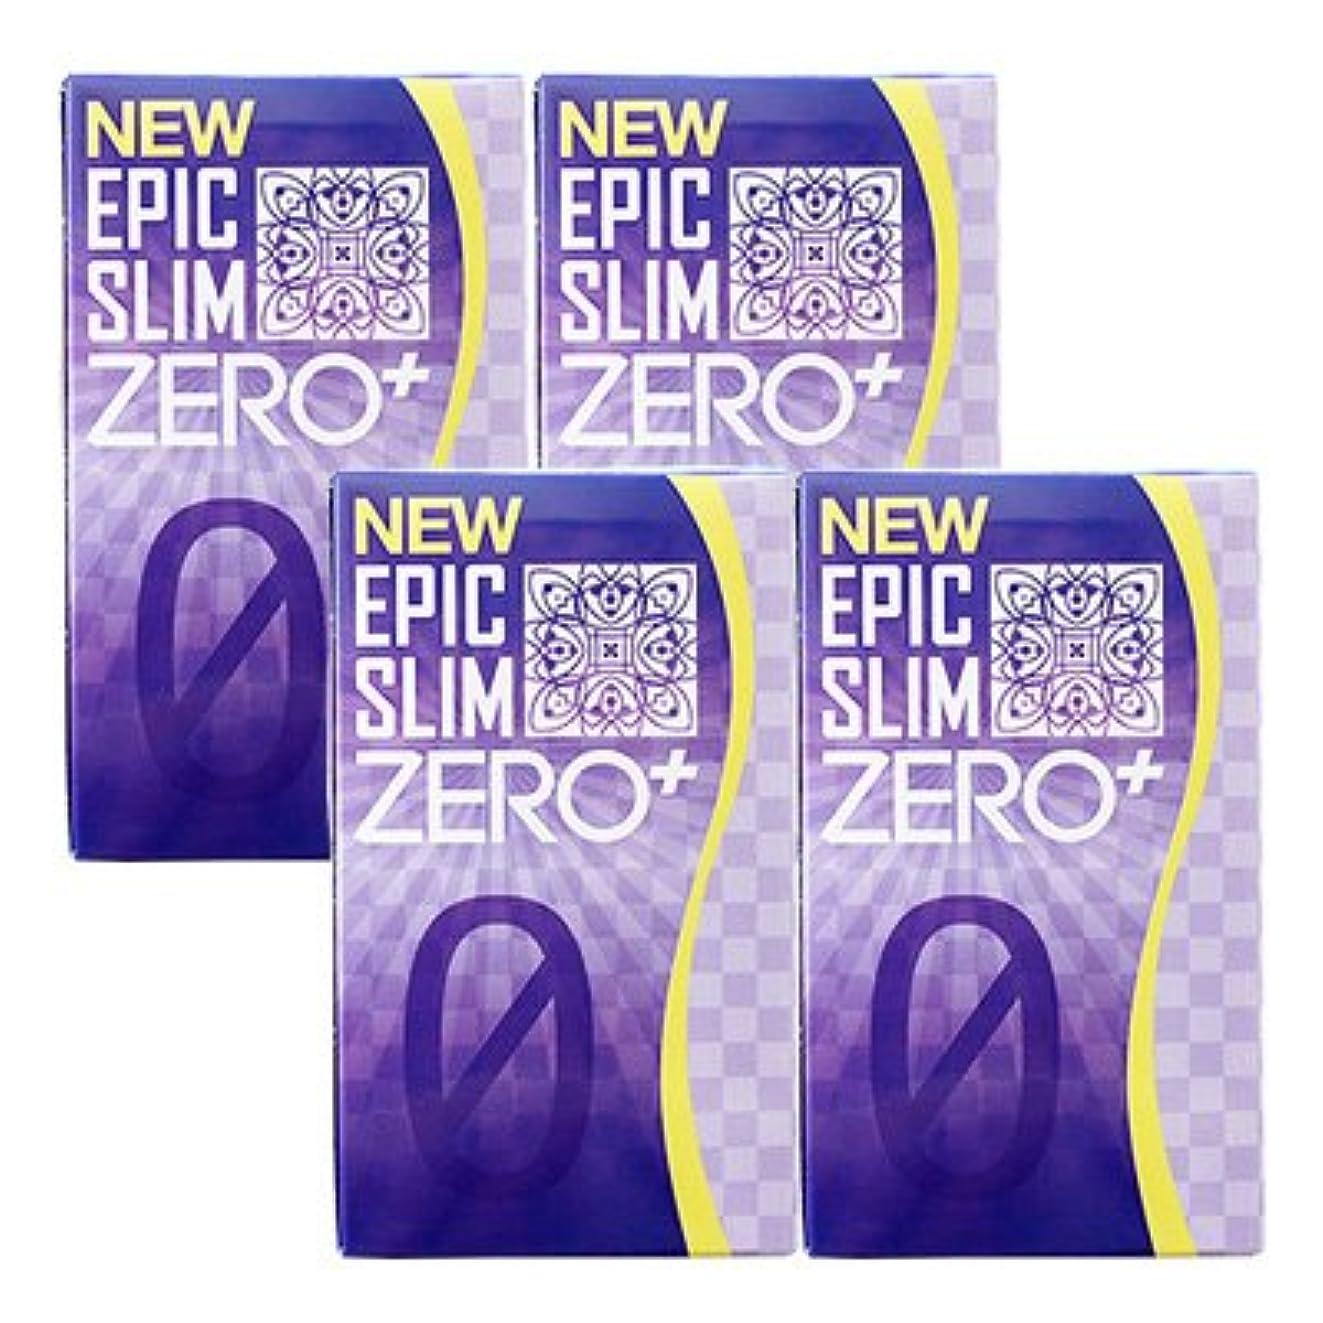 薬理学合併症隔離するNEW エピックスリム ゼロ+ 4個セット NEW Epic Slim ZERO PLUS